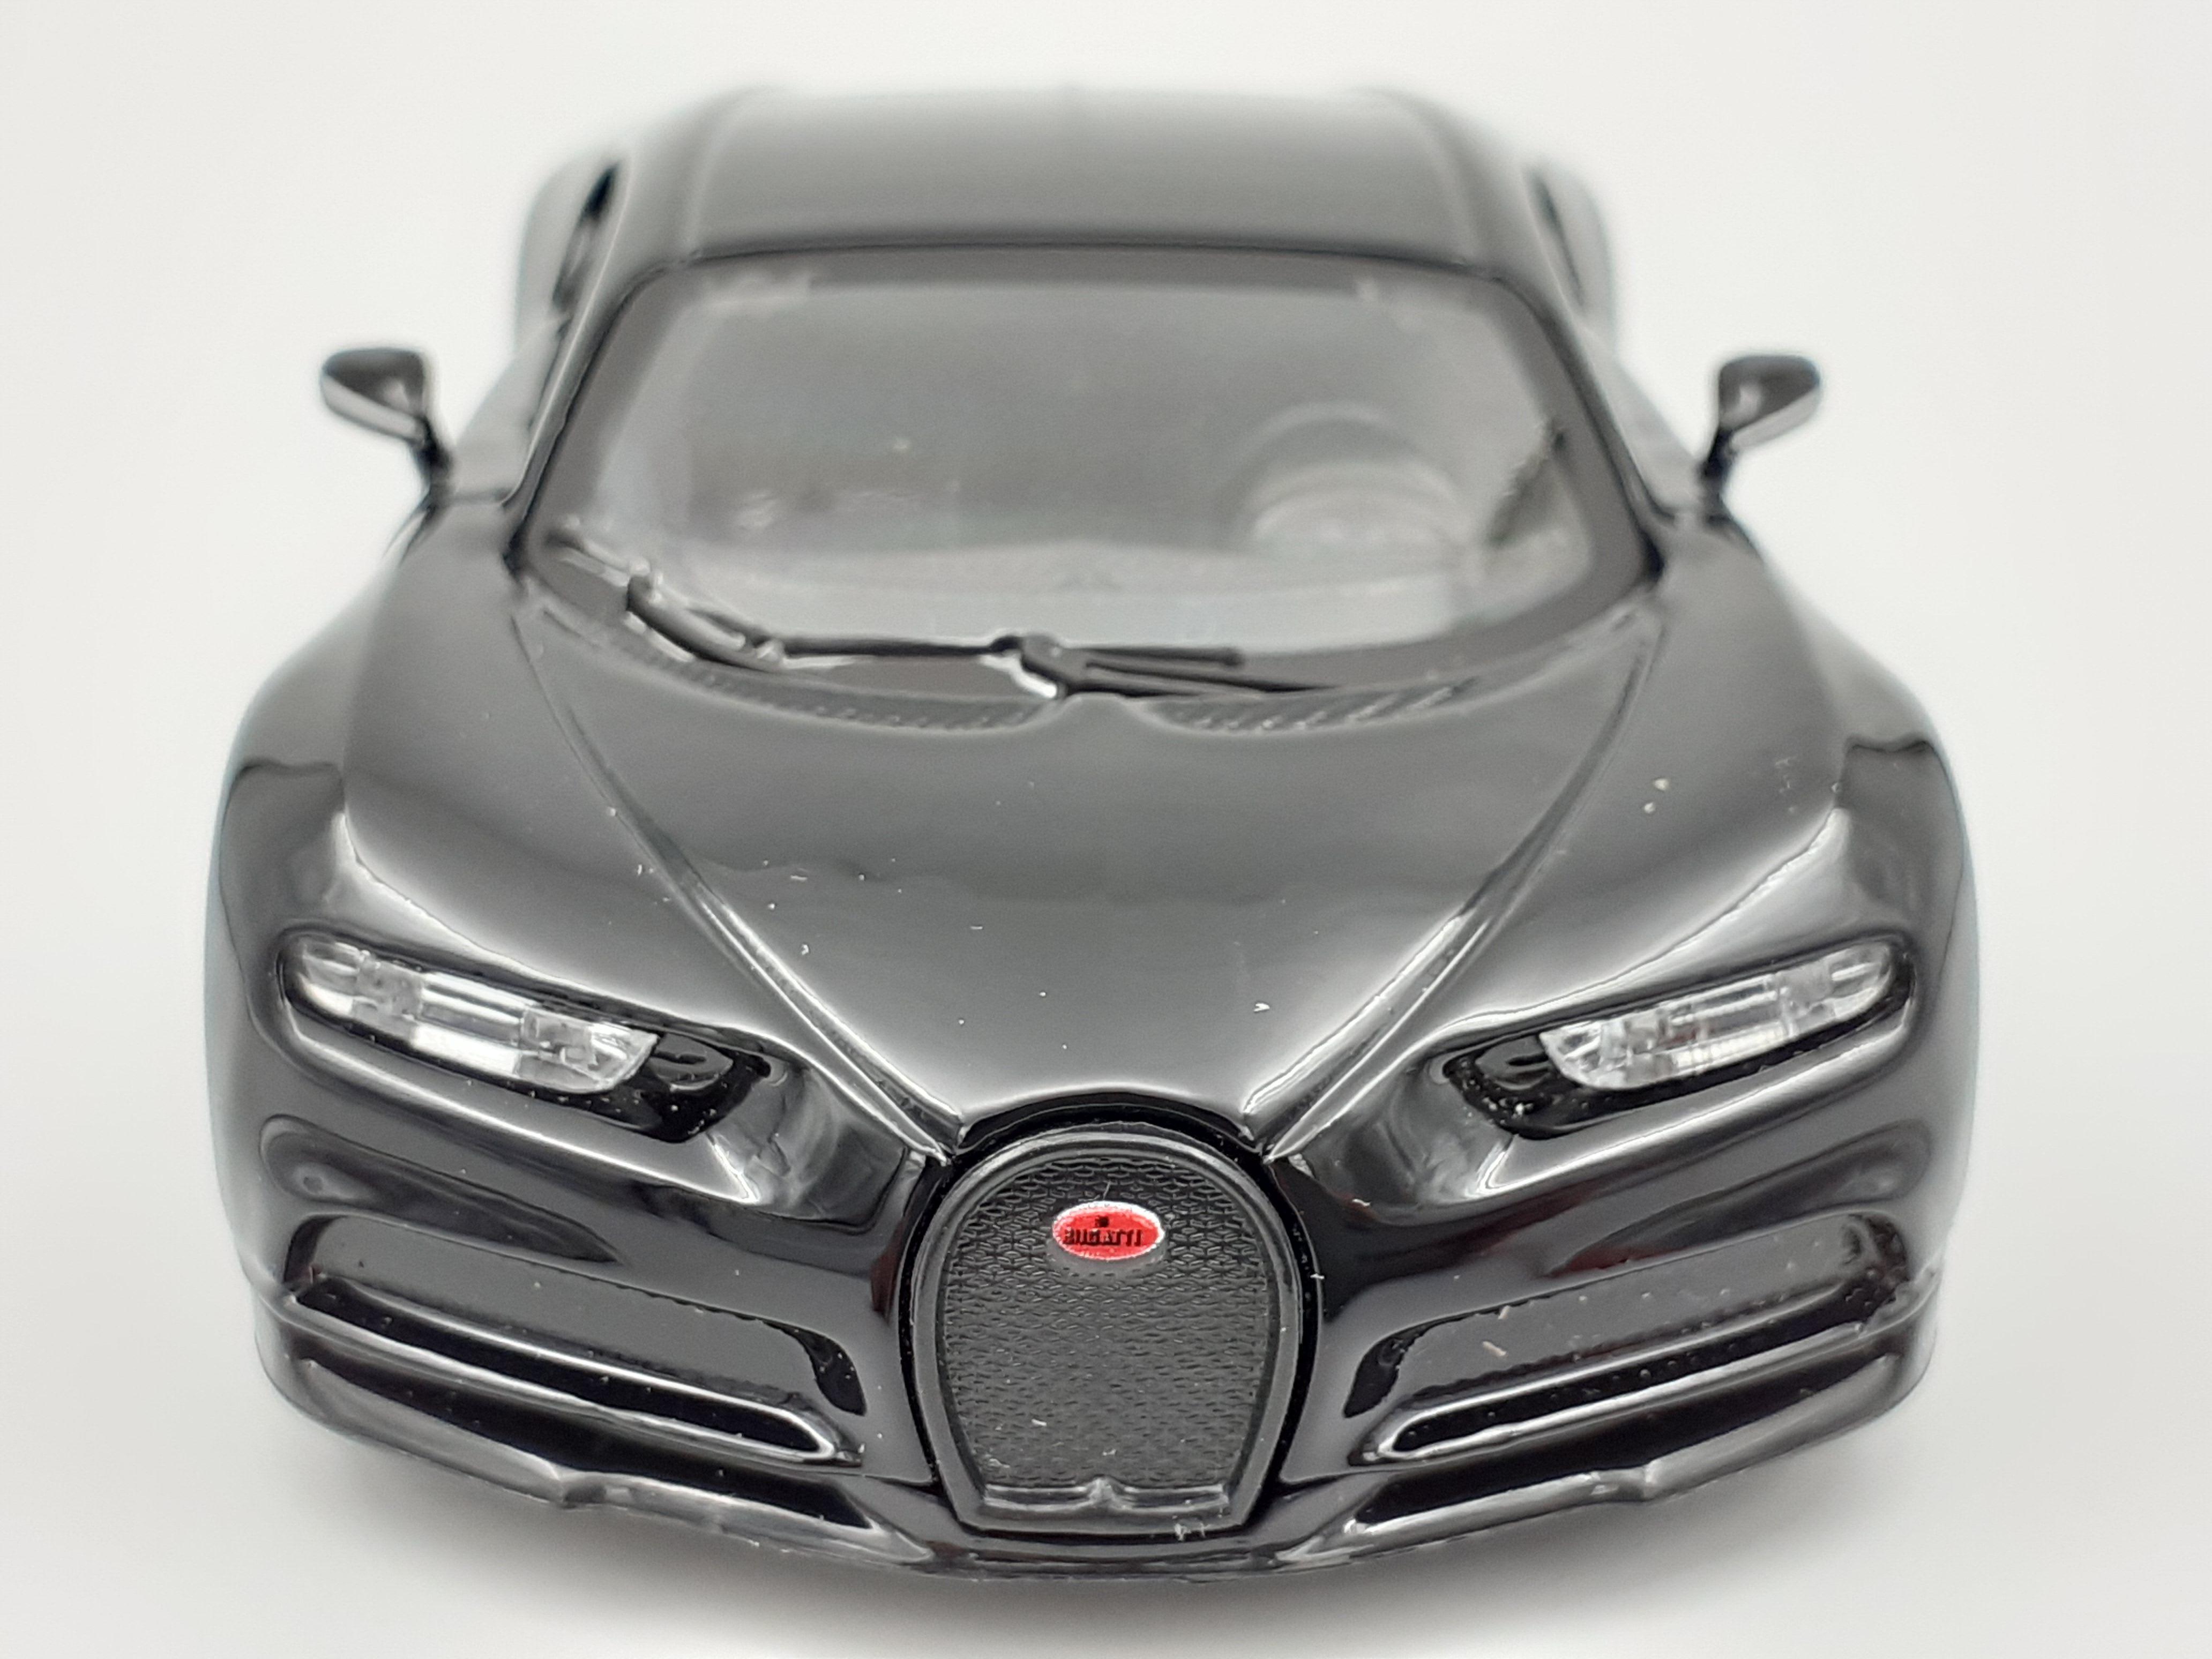 Maisto Bugatti Chiron 1:40